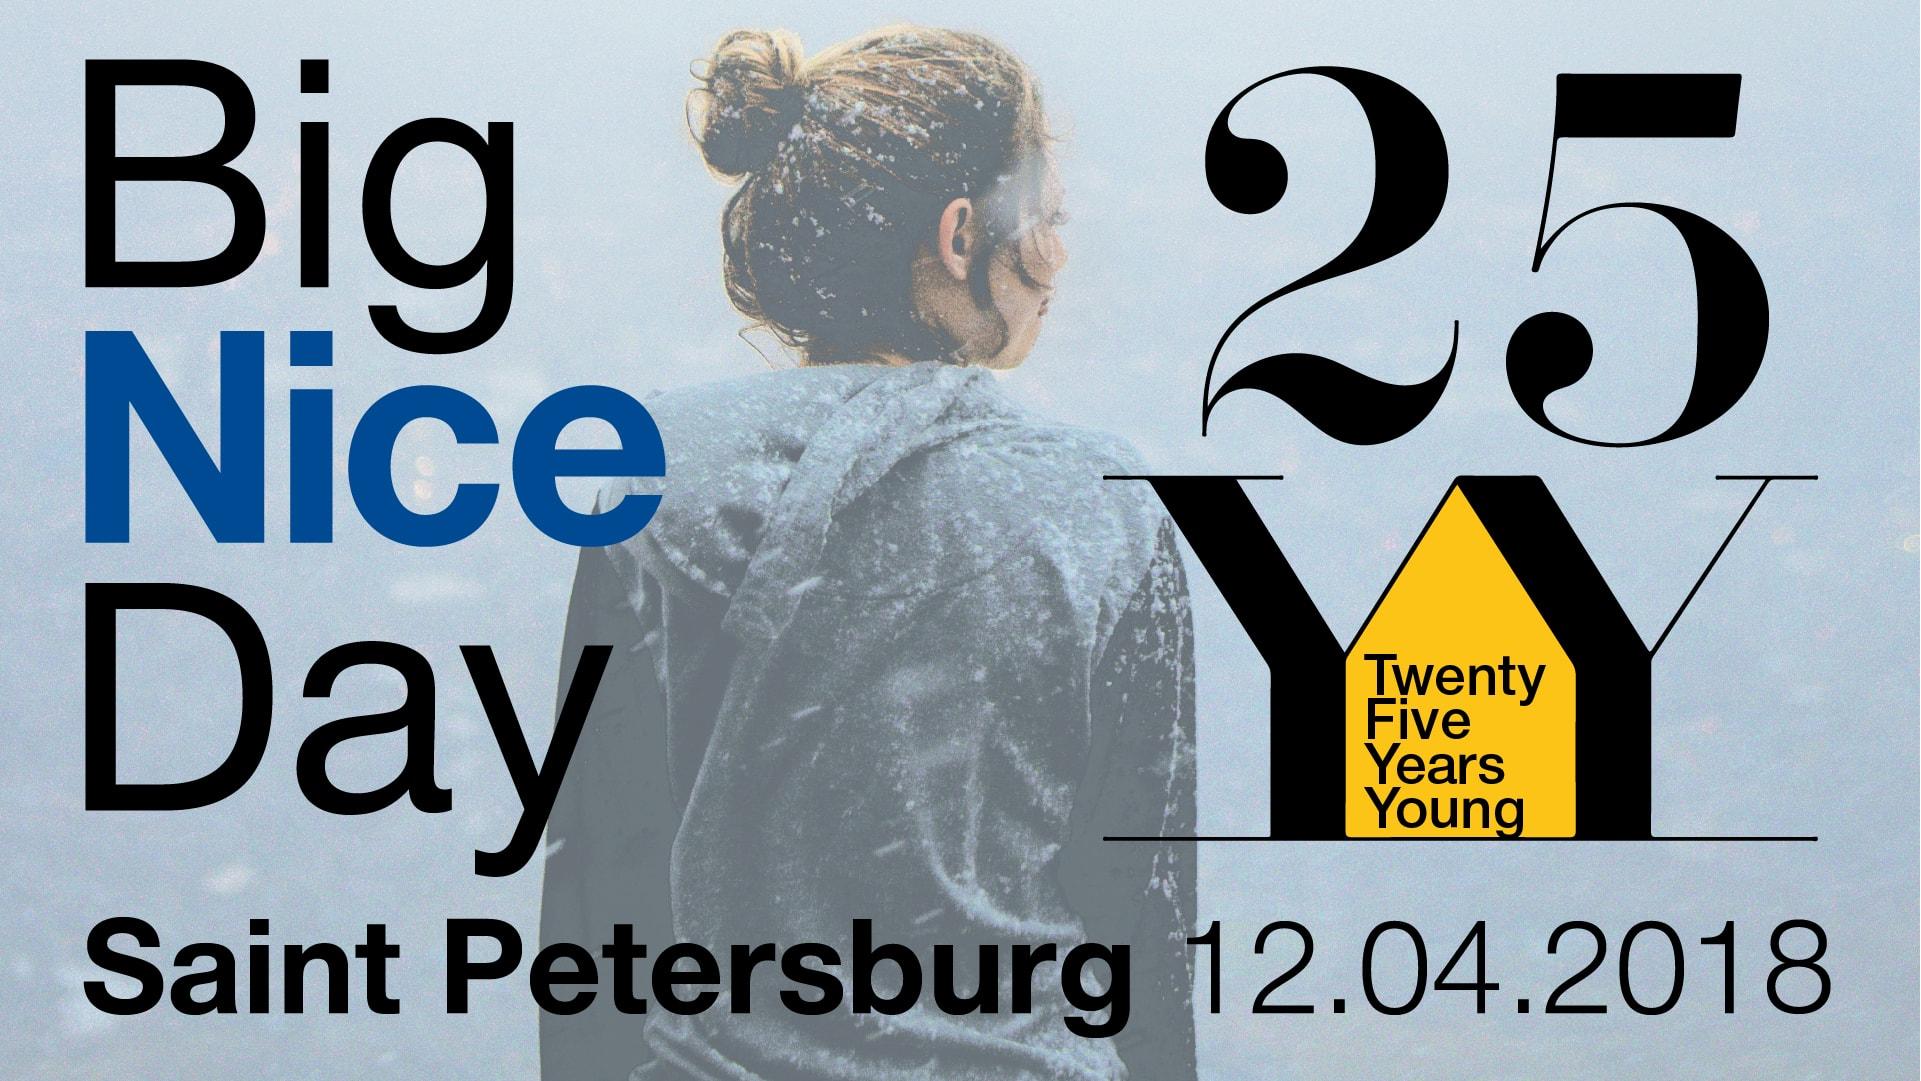 Фотоальбом с юбилейного мероприятия Big Nice Day 2018 12.04.2018 Санкт-Петербург в группах Nice!